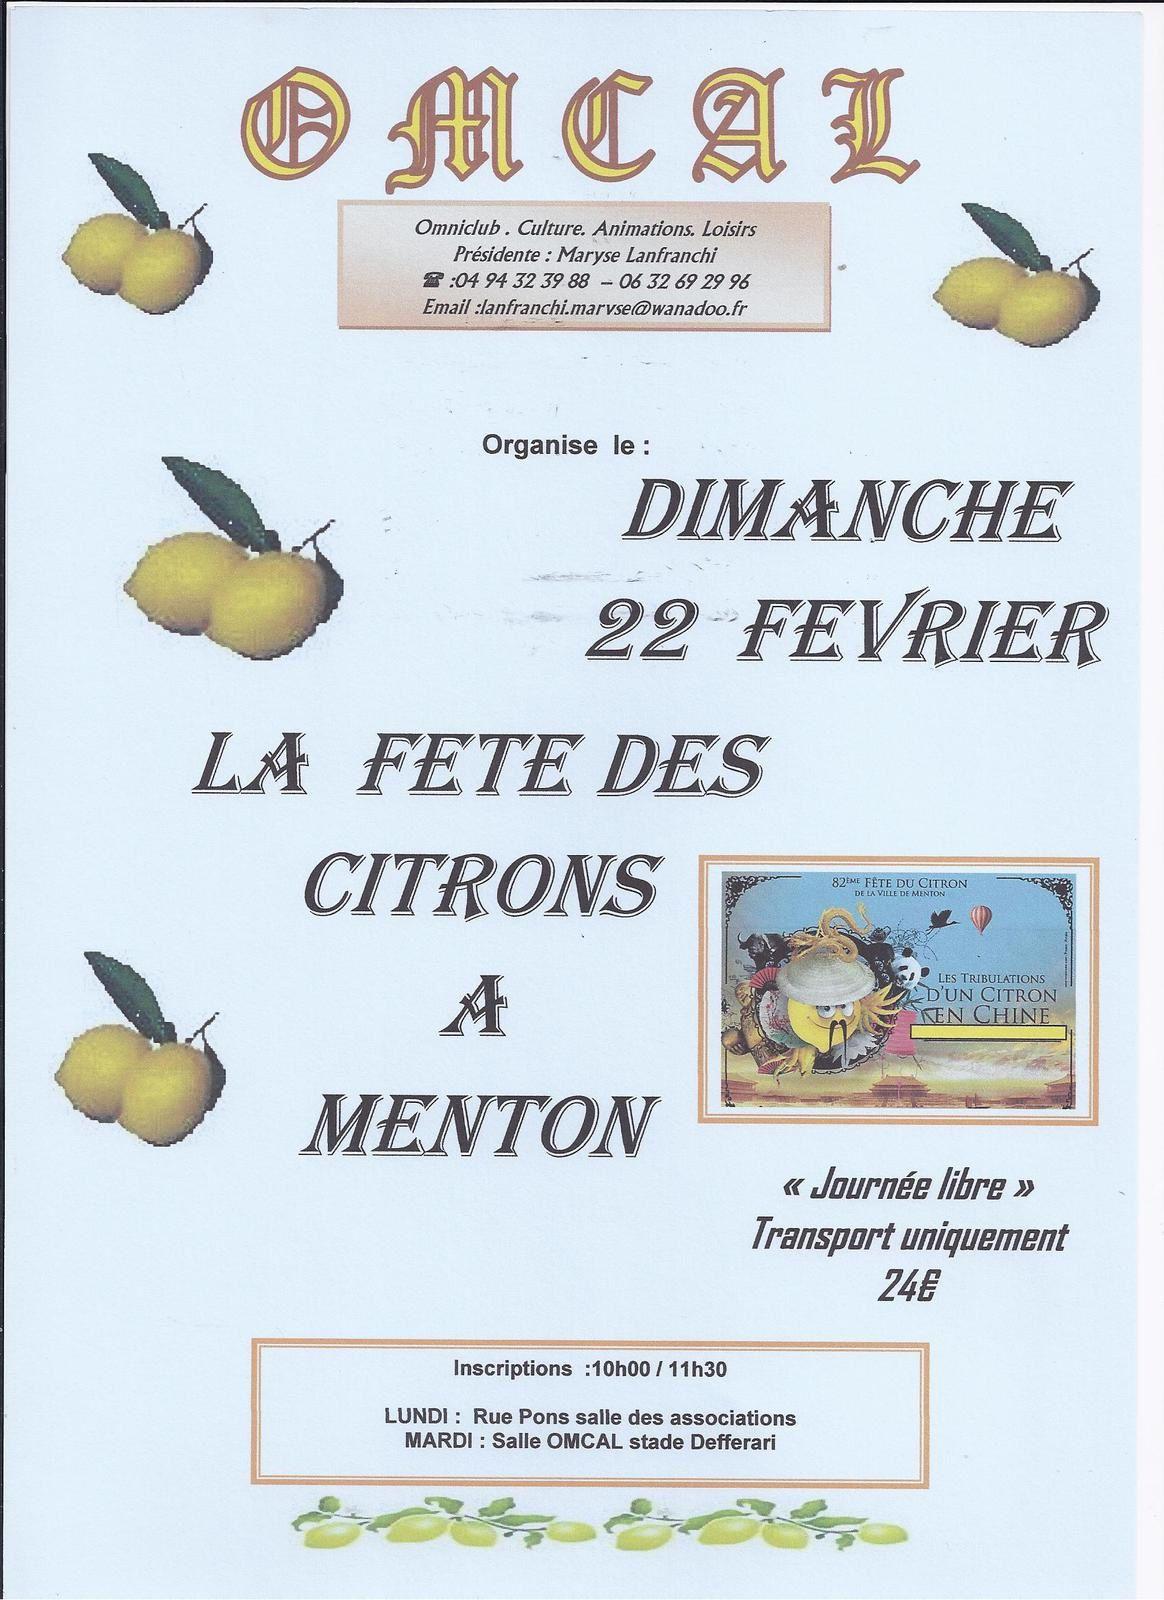 La Fête des citrons à Menton